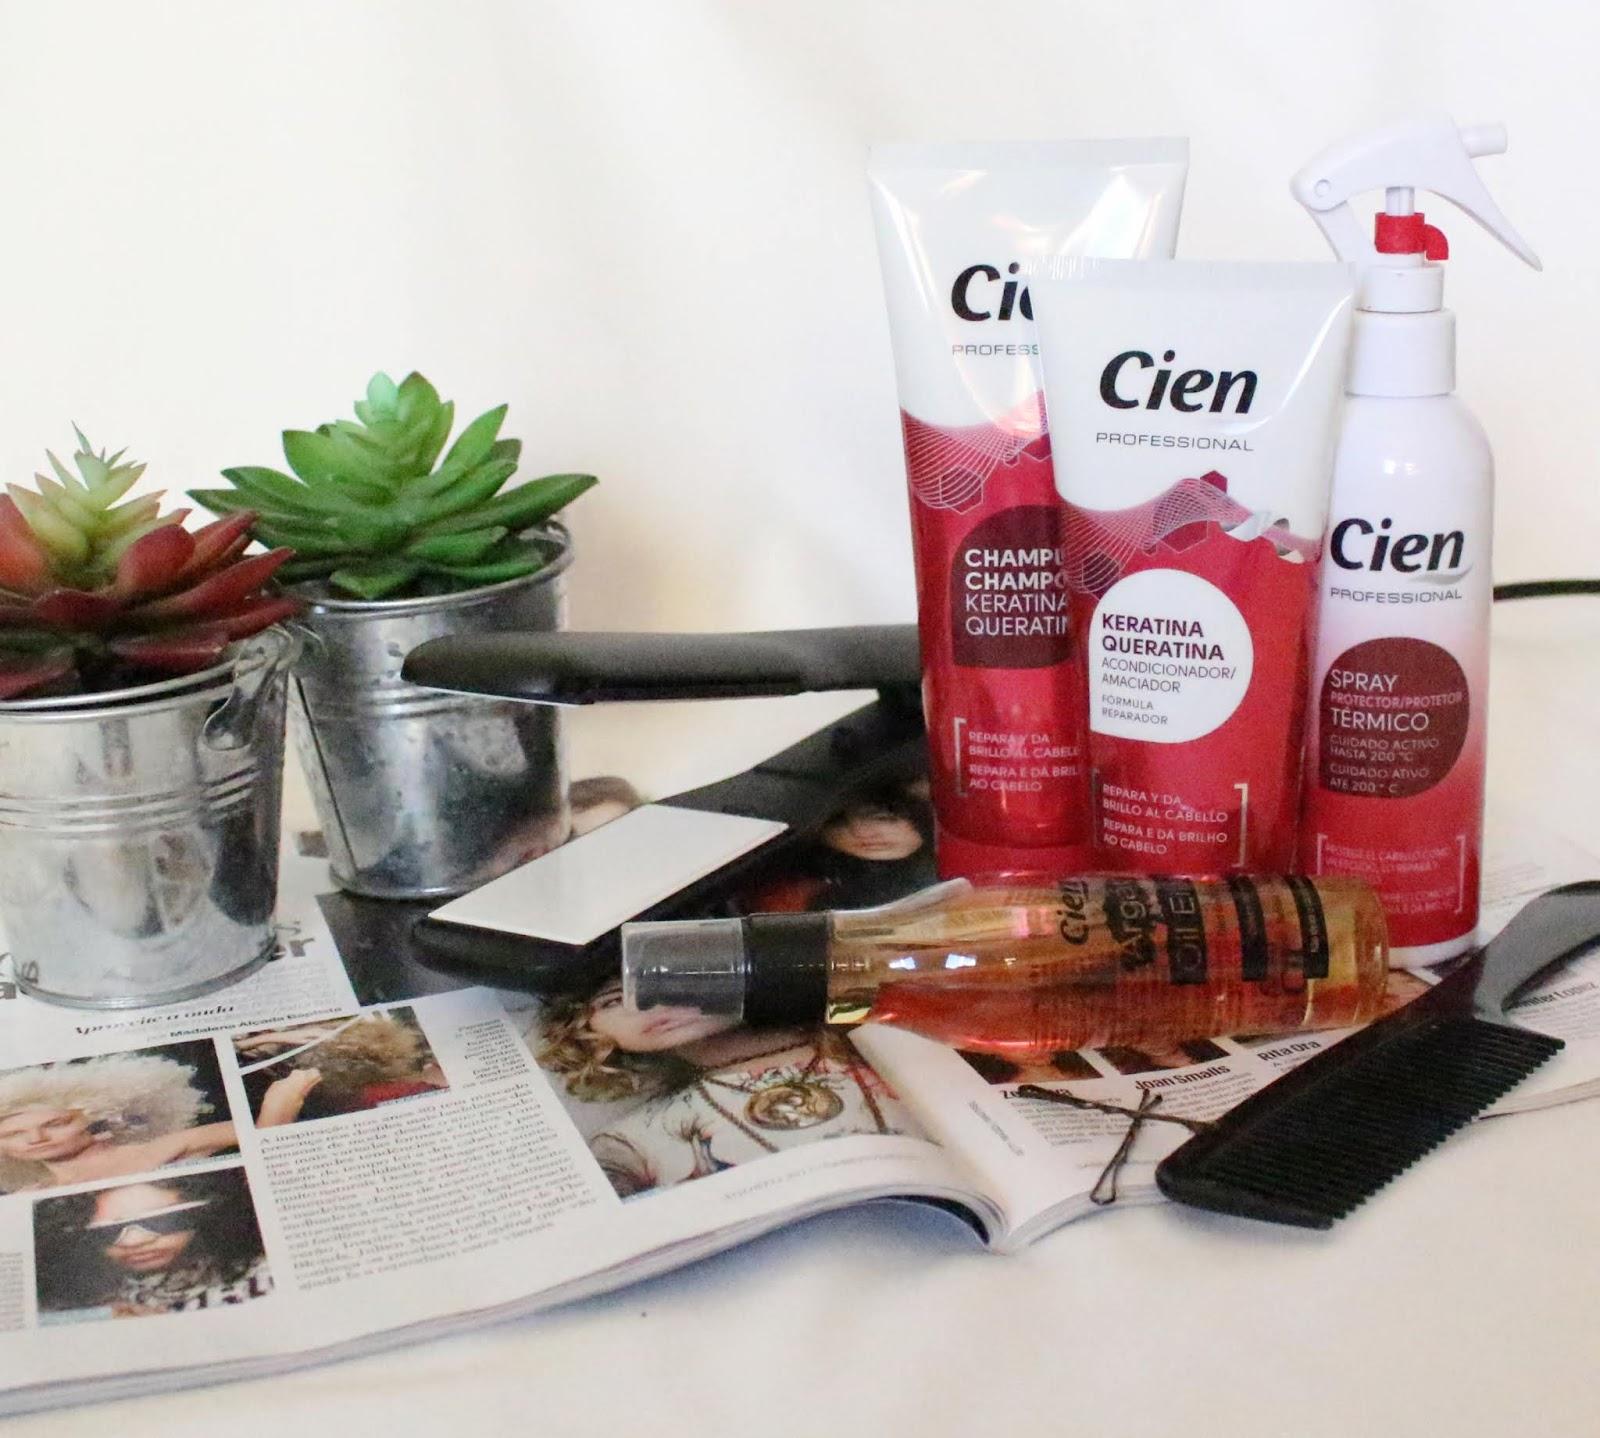 Review dos produtos da Cien: champô e condicionador de queratina, protetor térmico e óleo de argão